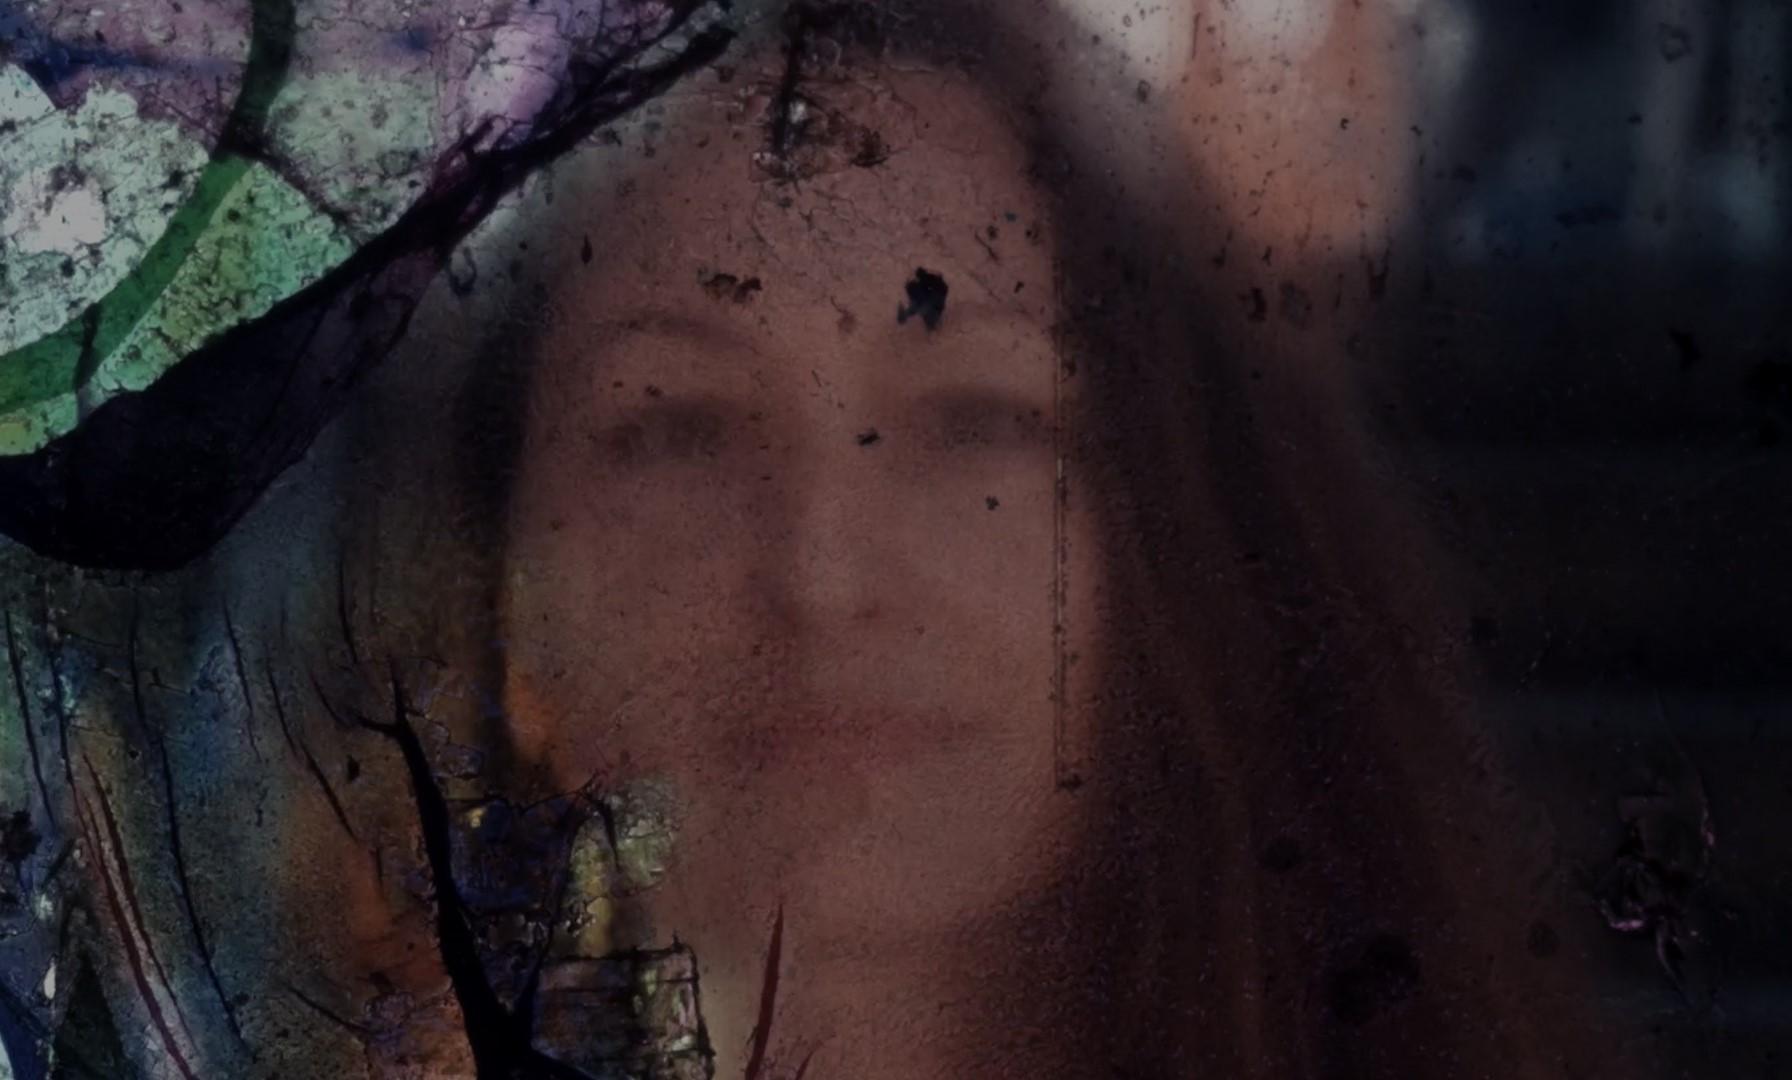 Judith Zdesar